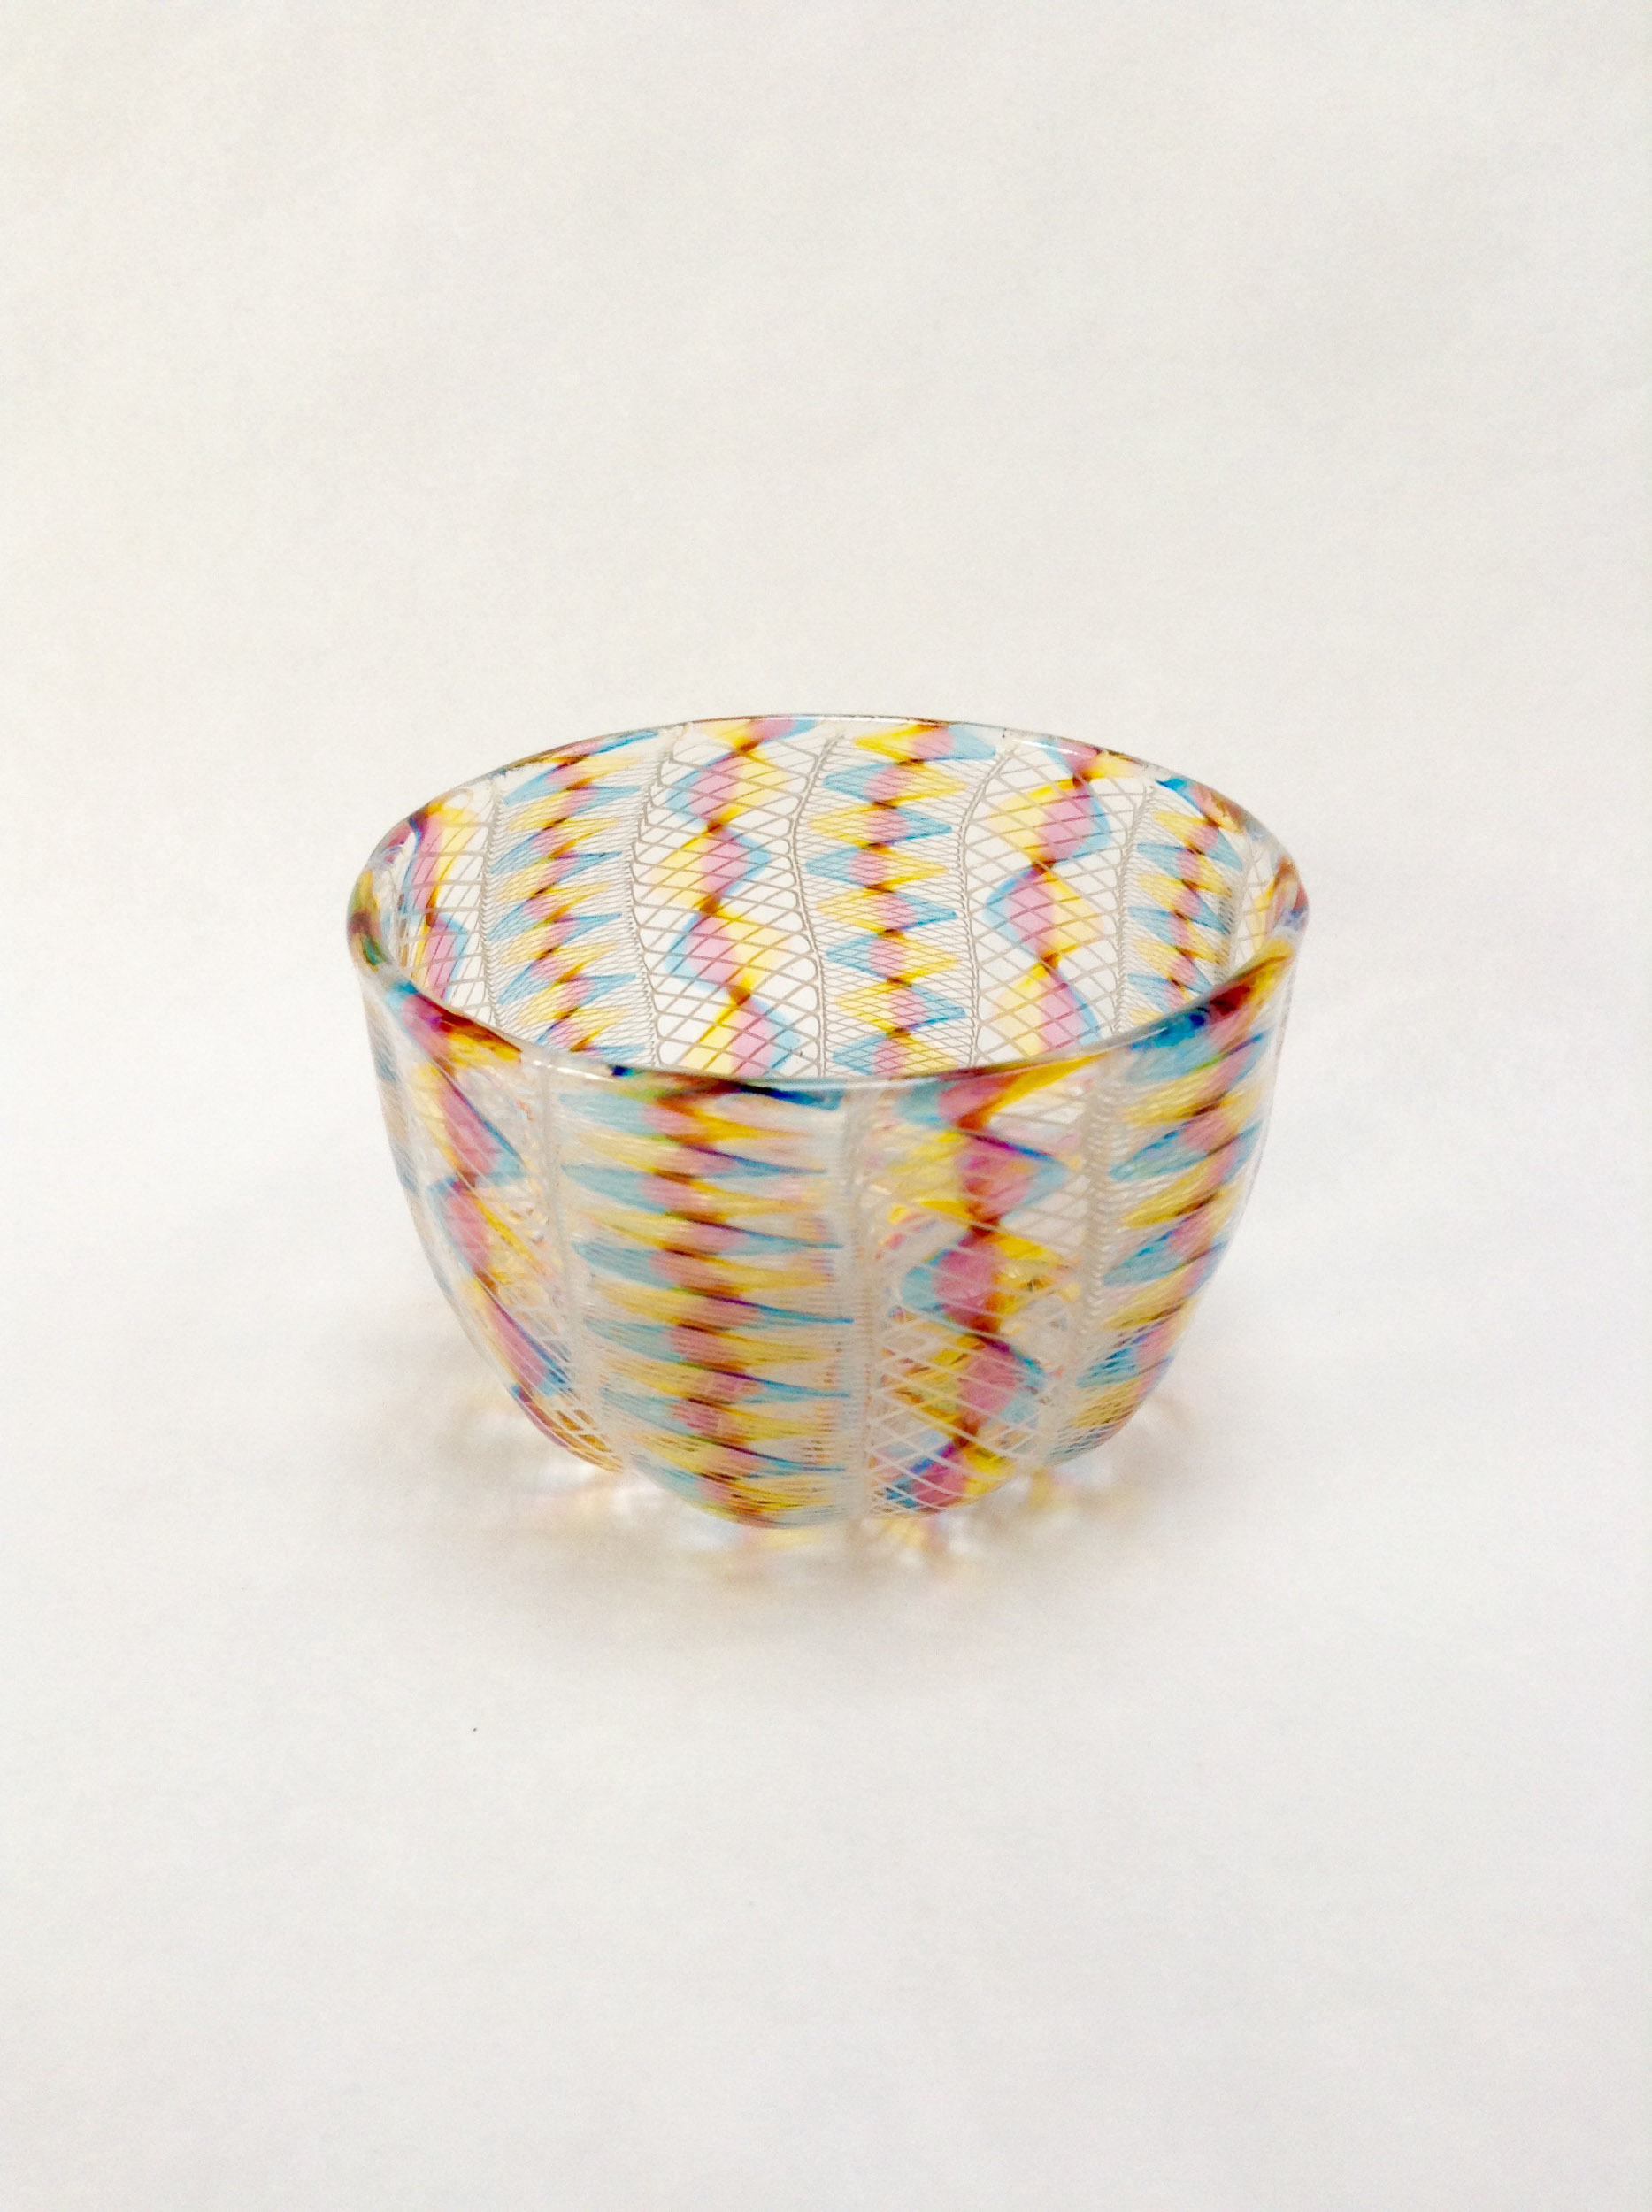 Olive-Glass_Italian-Art-Glass_Corrie-Haight_Lark-Dalton-20161212-3.jpg